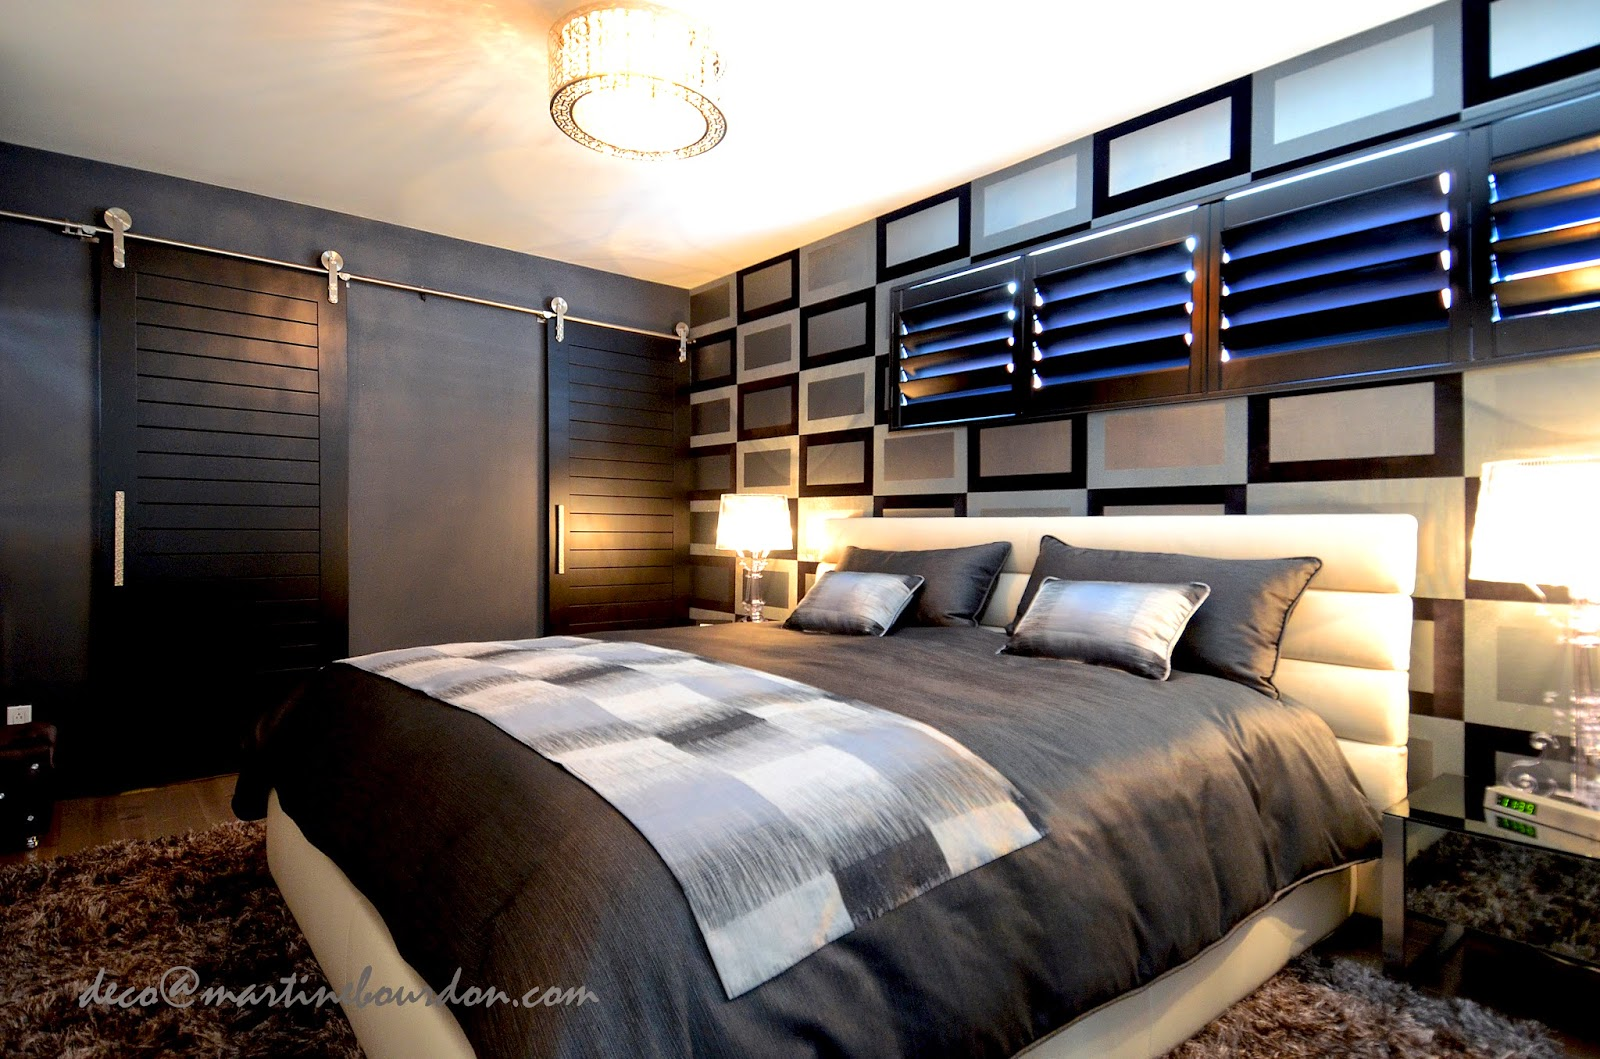 L 39 espace d co un condo une chambre coucher et du style for Decoration chambre coucher moderne